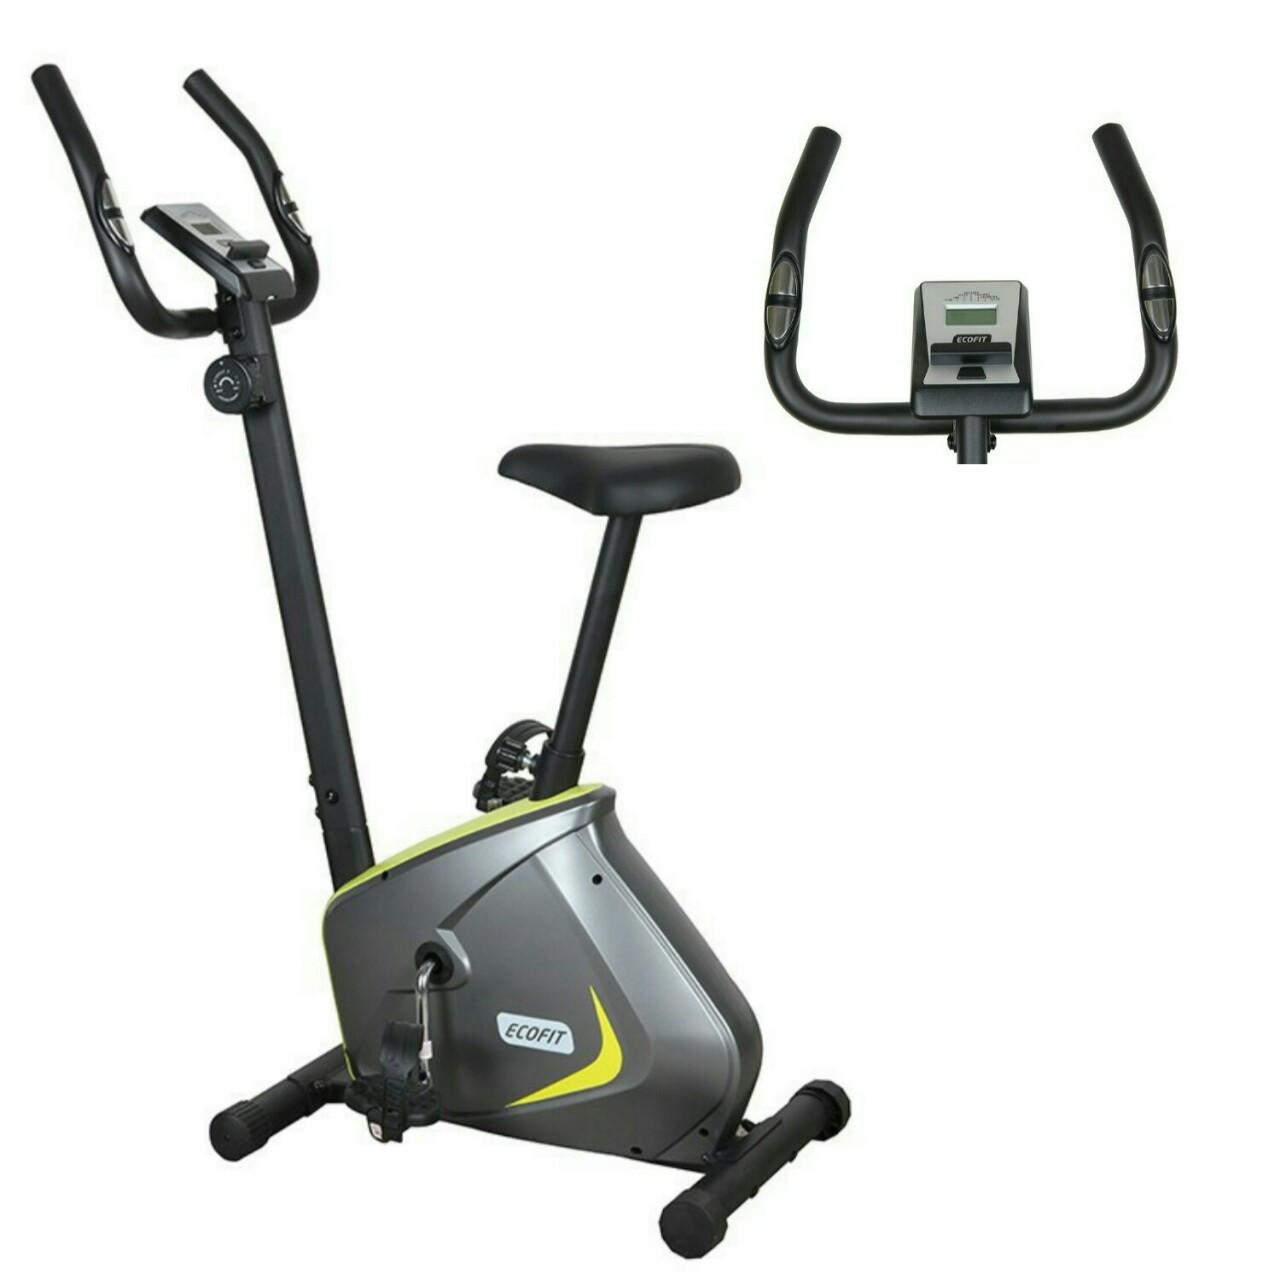 Акция! Магнитный велотренажер для дома велоэргометр Экофит EcoFit  E-510B + пояс-сауна в подарок!